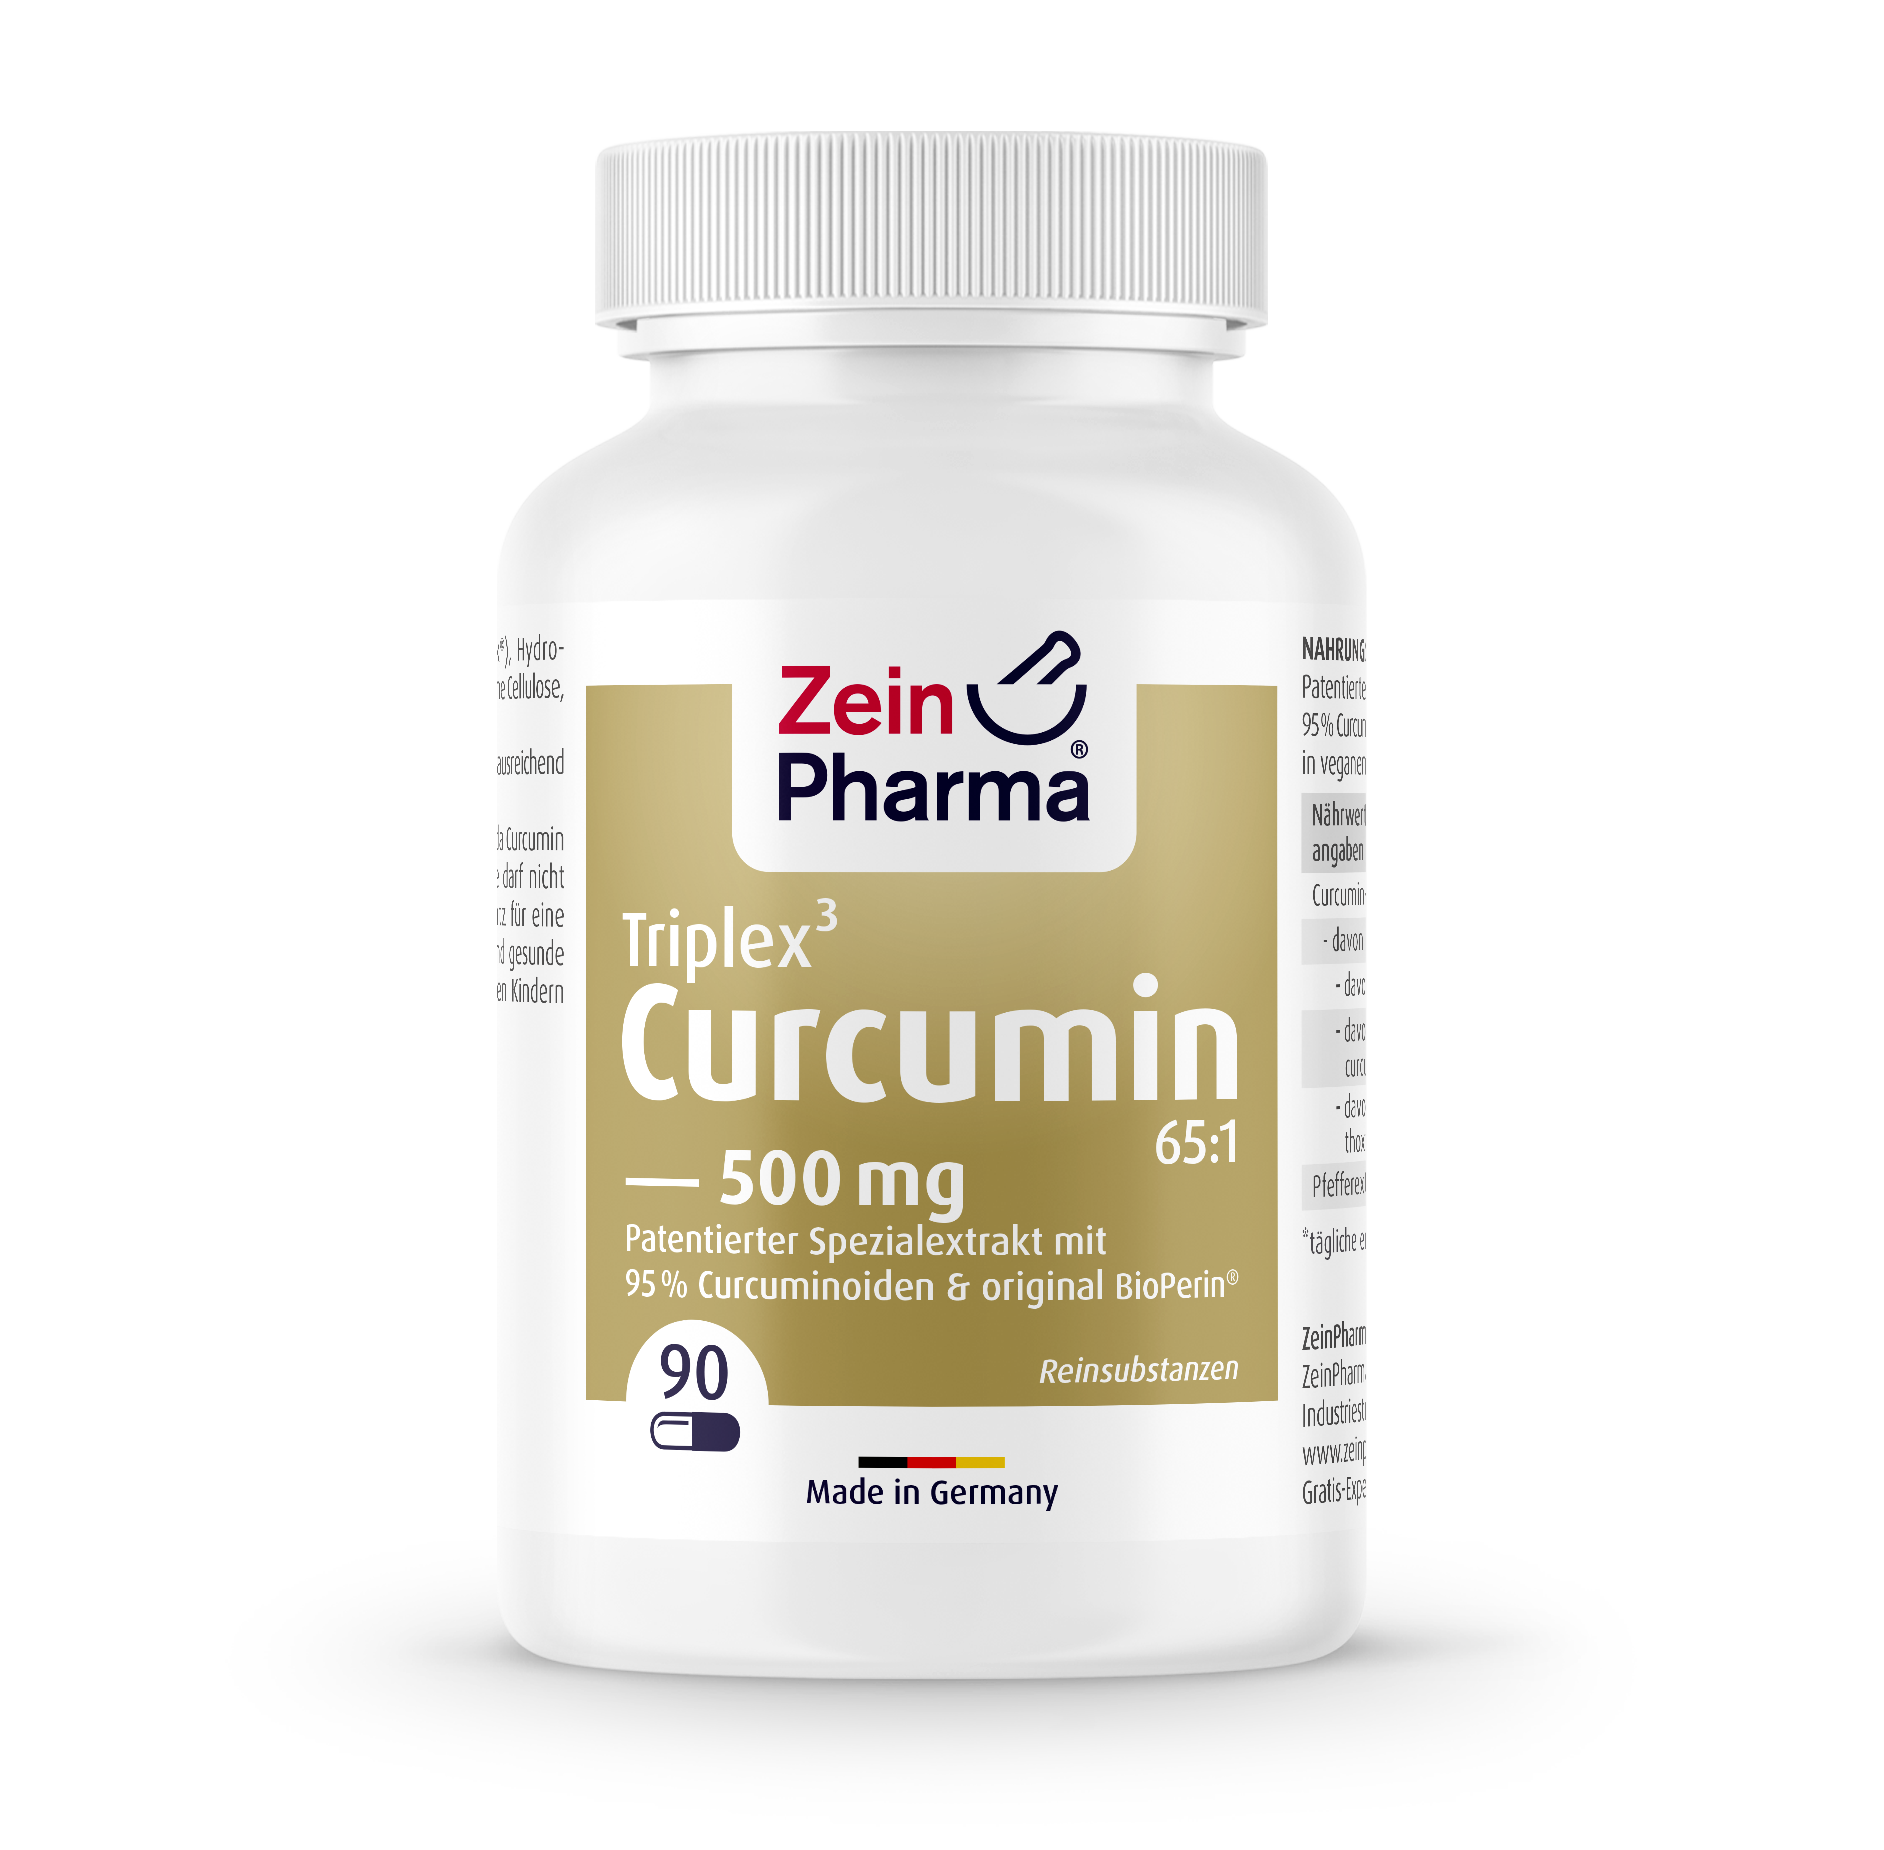 Curcumin-Triplex³ 500 mg Capsules